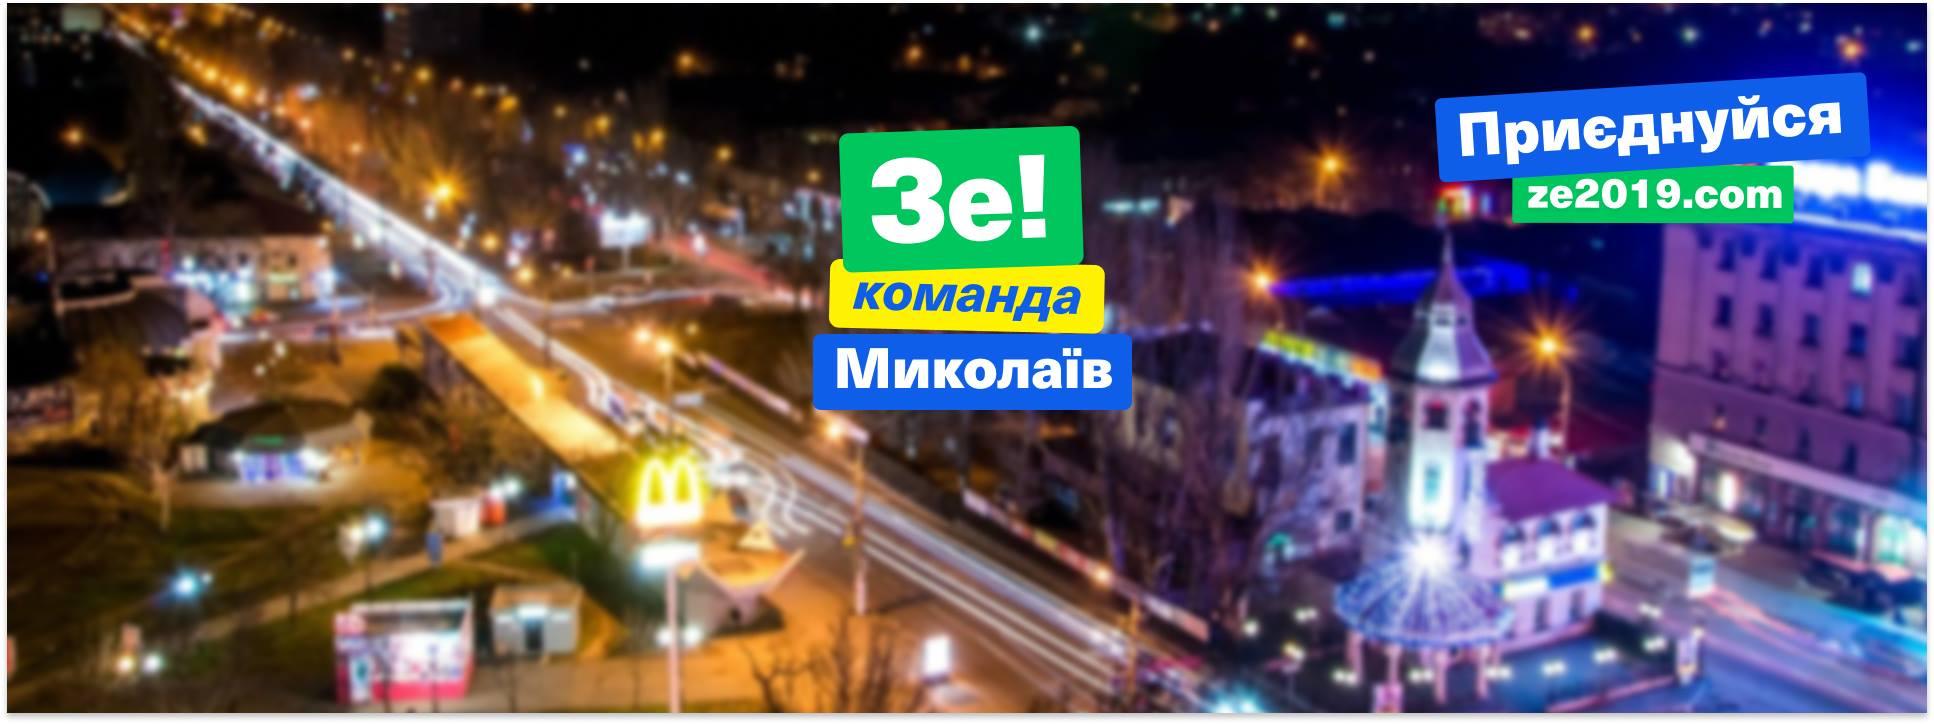 Команда Зеленского в Николаеве